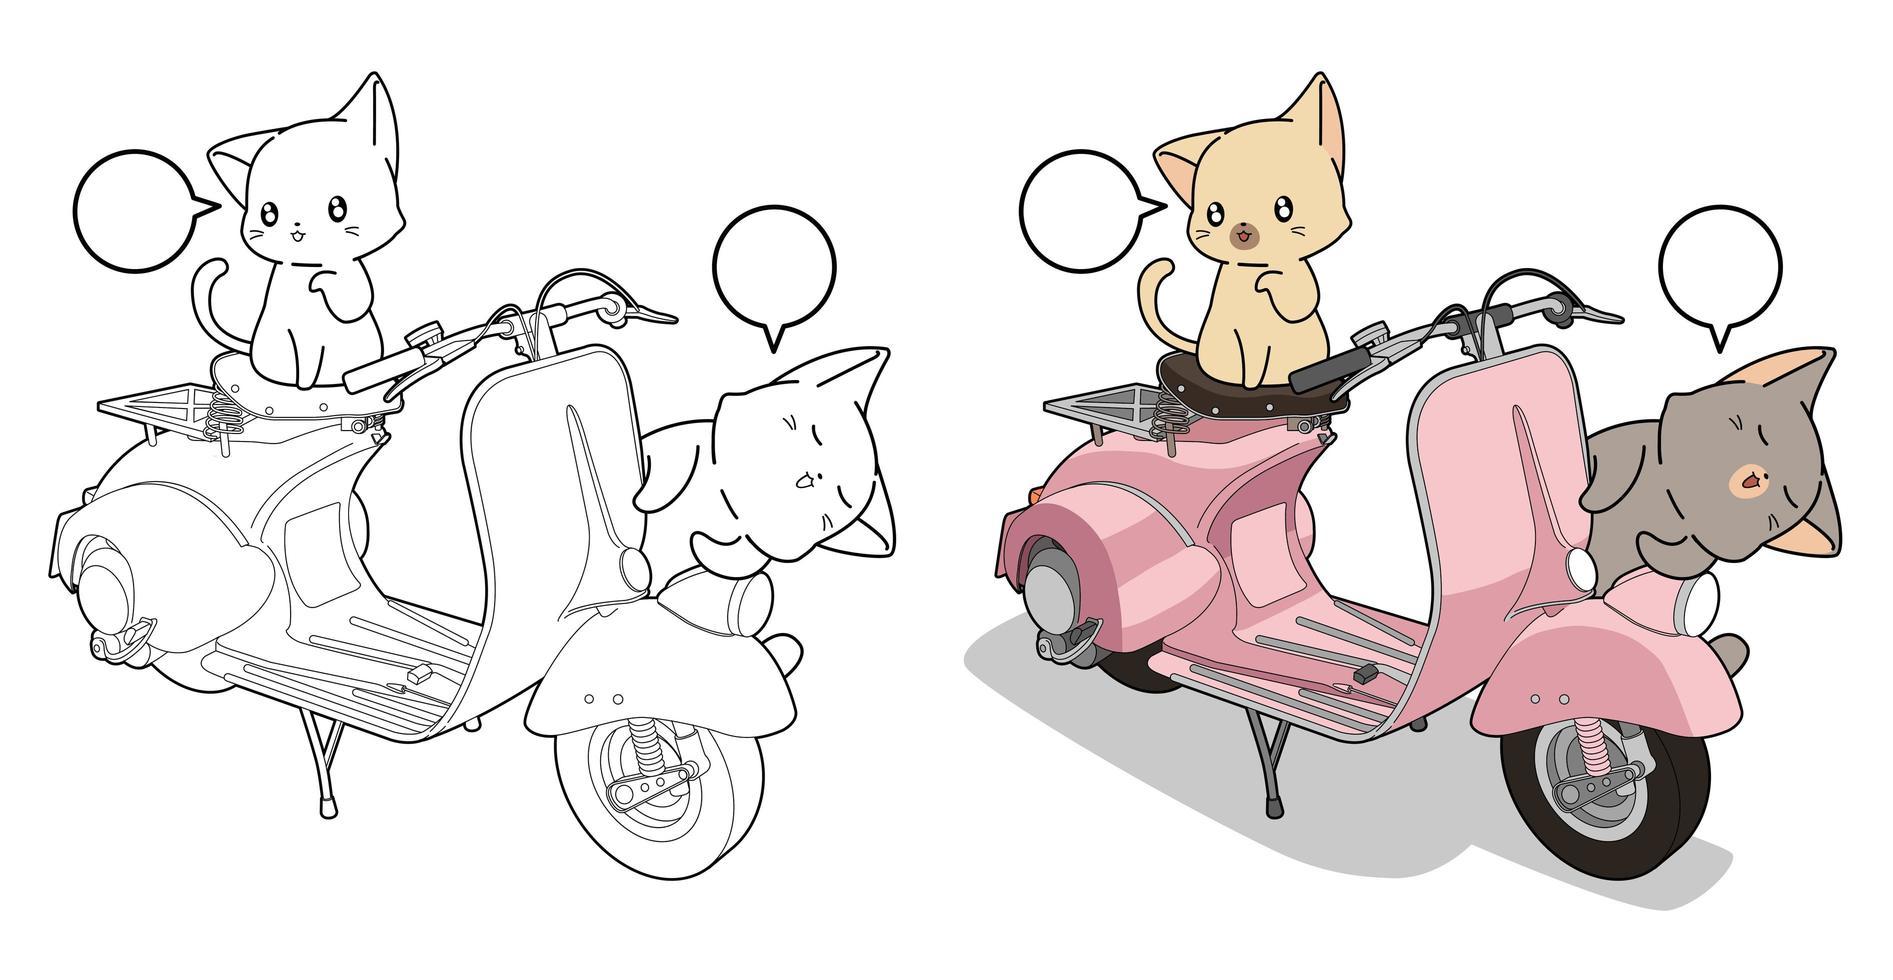 Adorables Chats Et Coloriage De Dessin Anime De Moto Pour Enfants Telecharger Vectoriel Gratuit Clipart Graphique Vecteur Dessins Et Pictogramme Gratuit